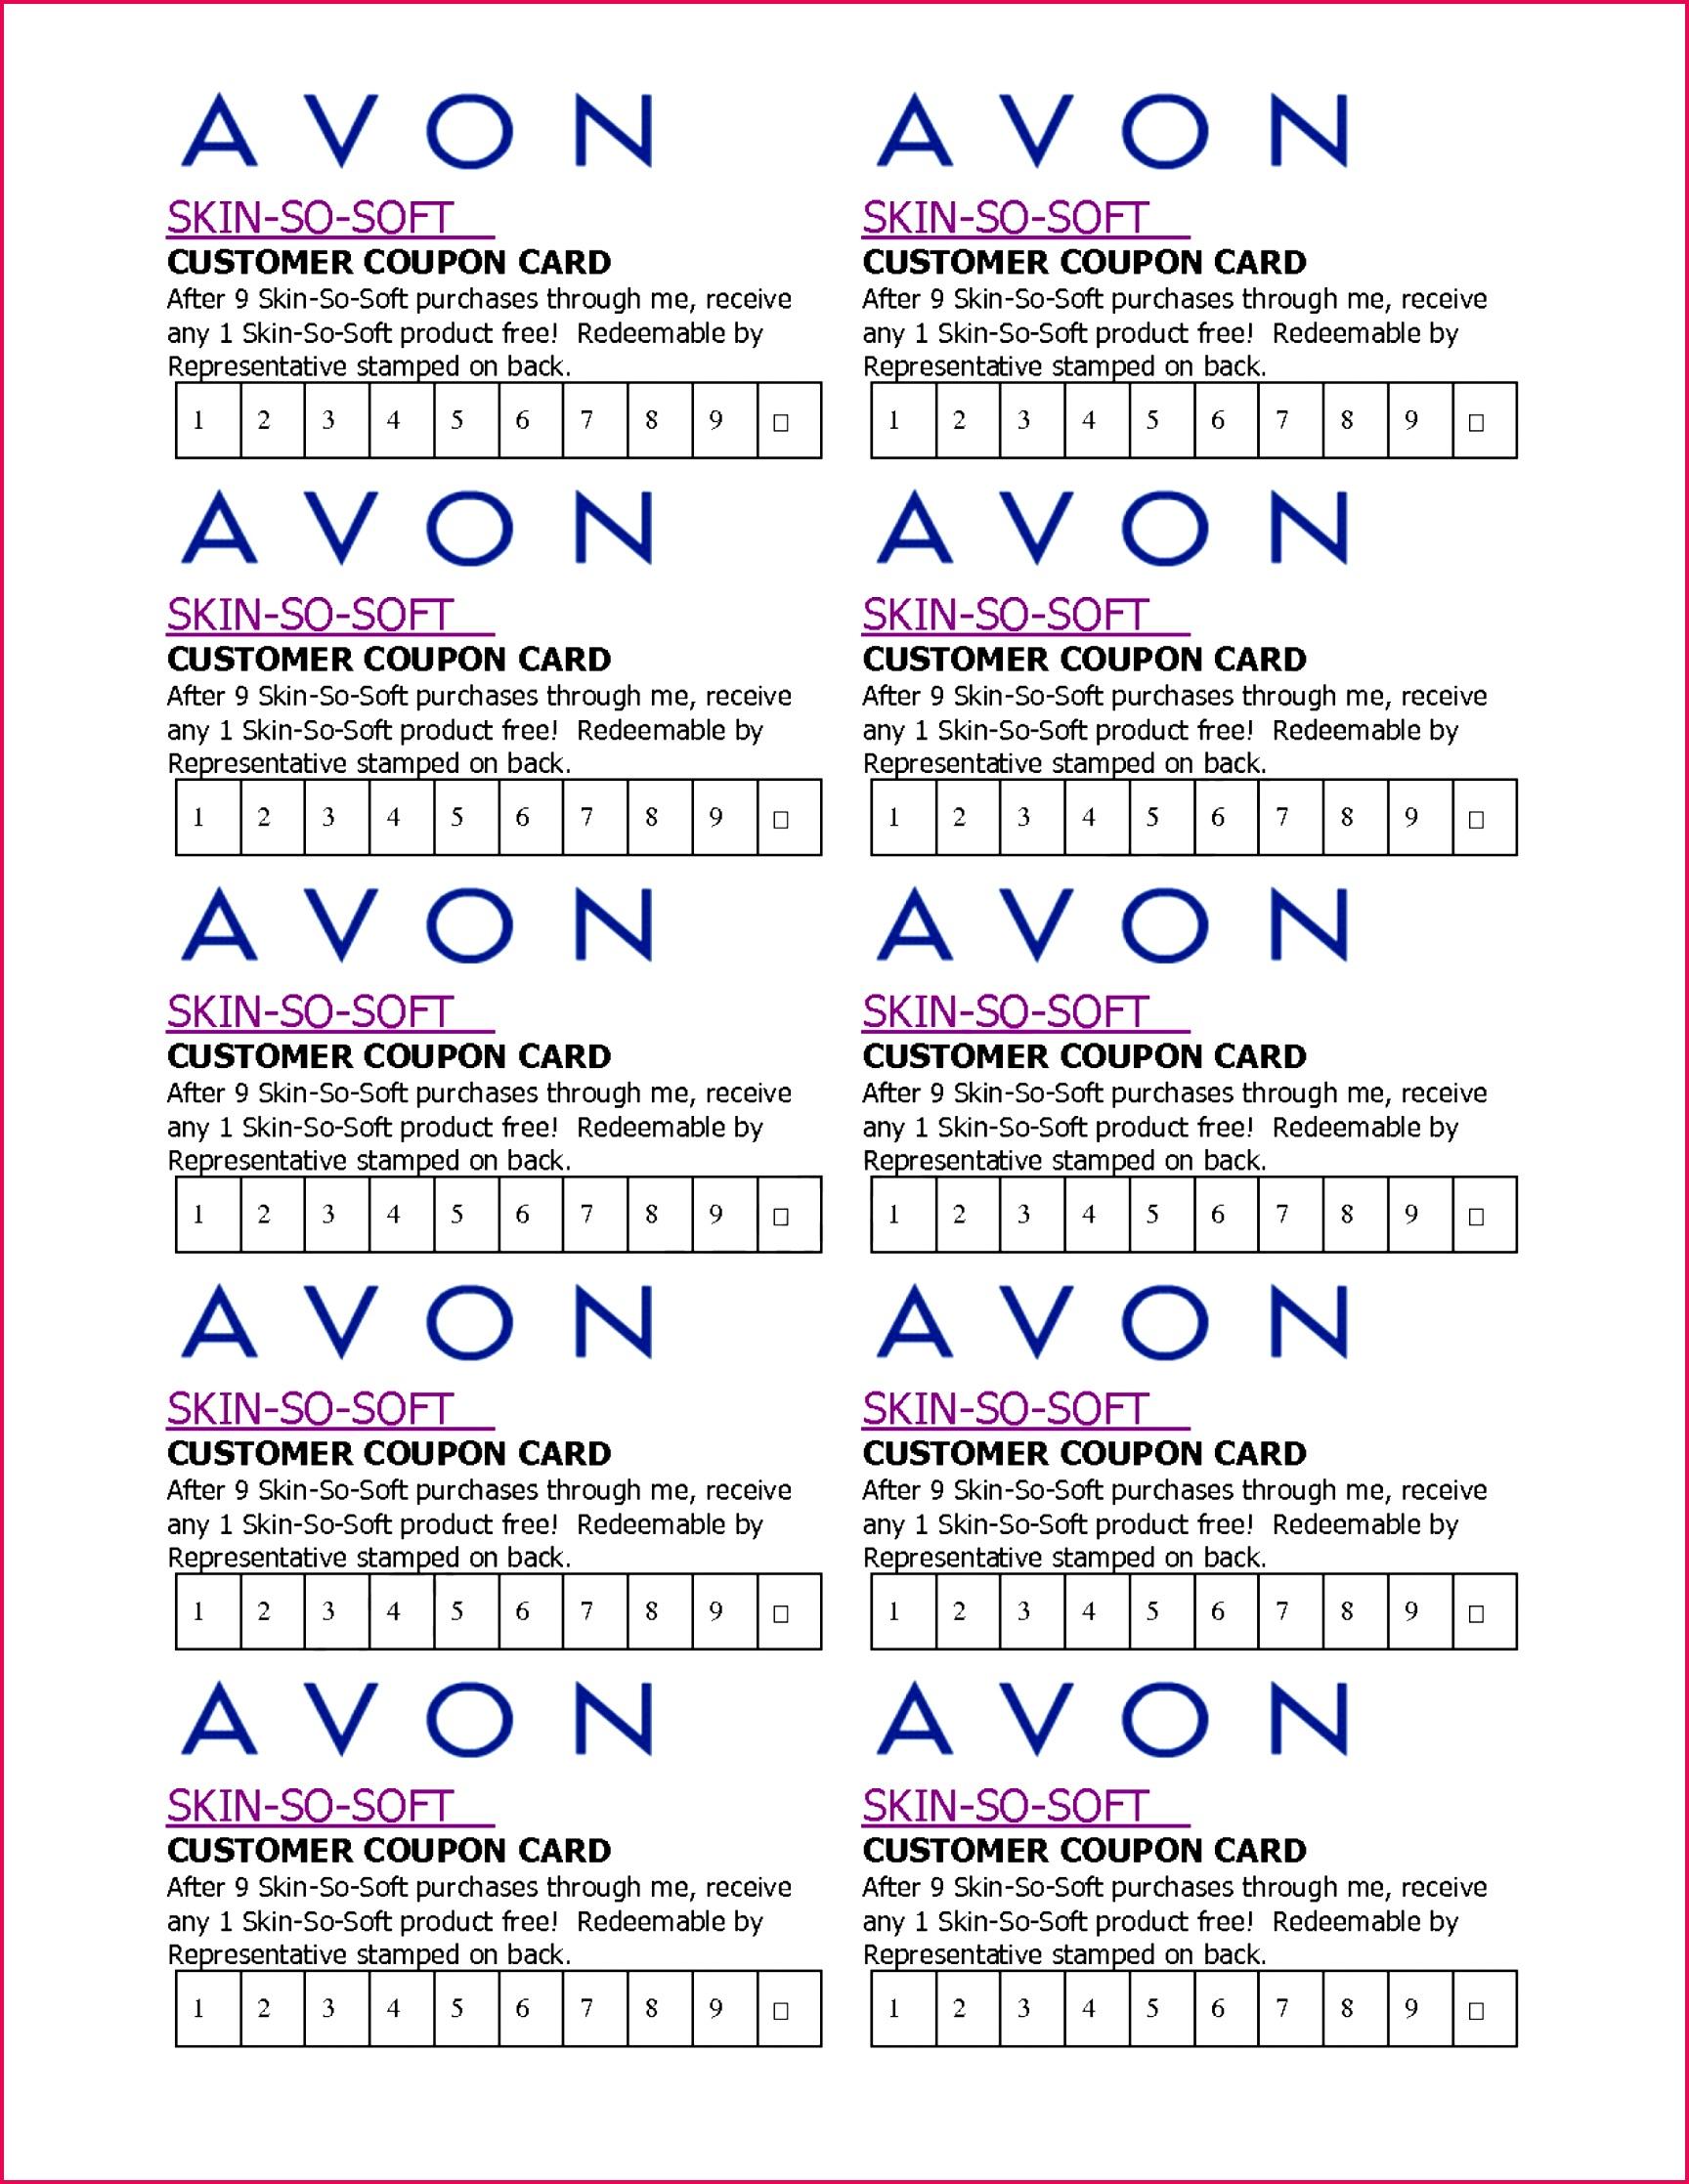 004 avon business plan template 1920x2485